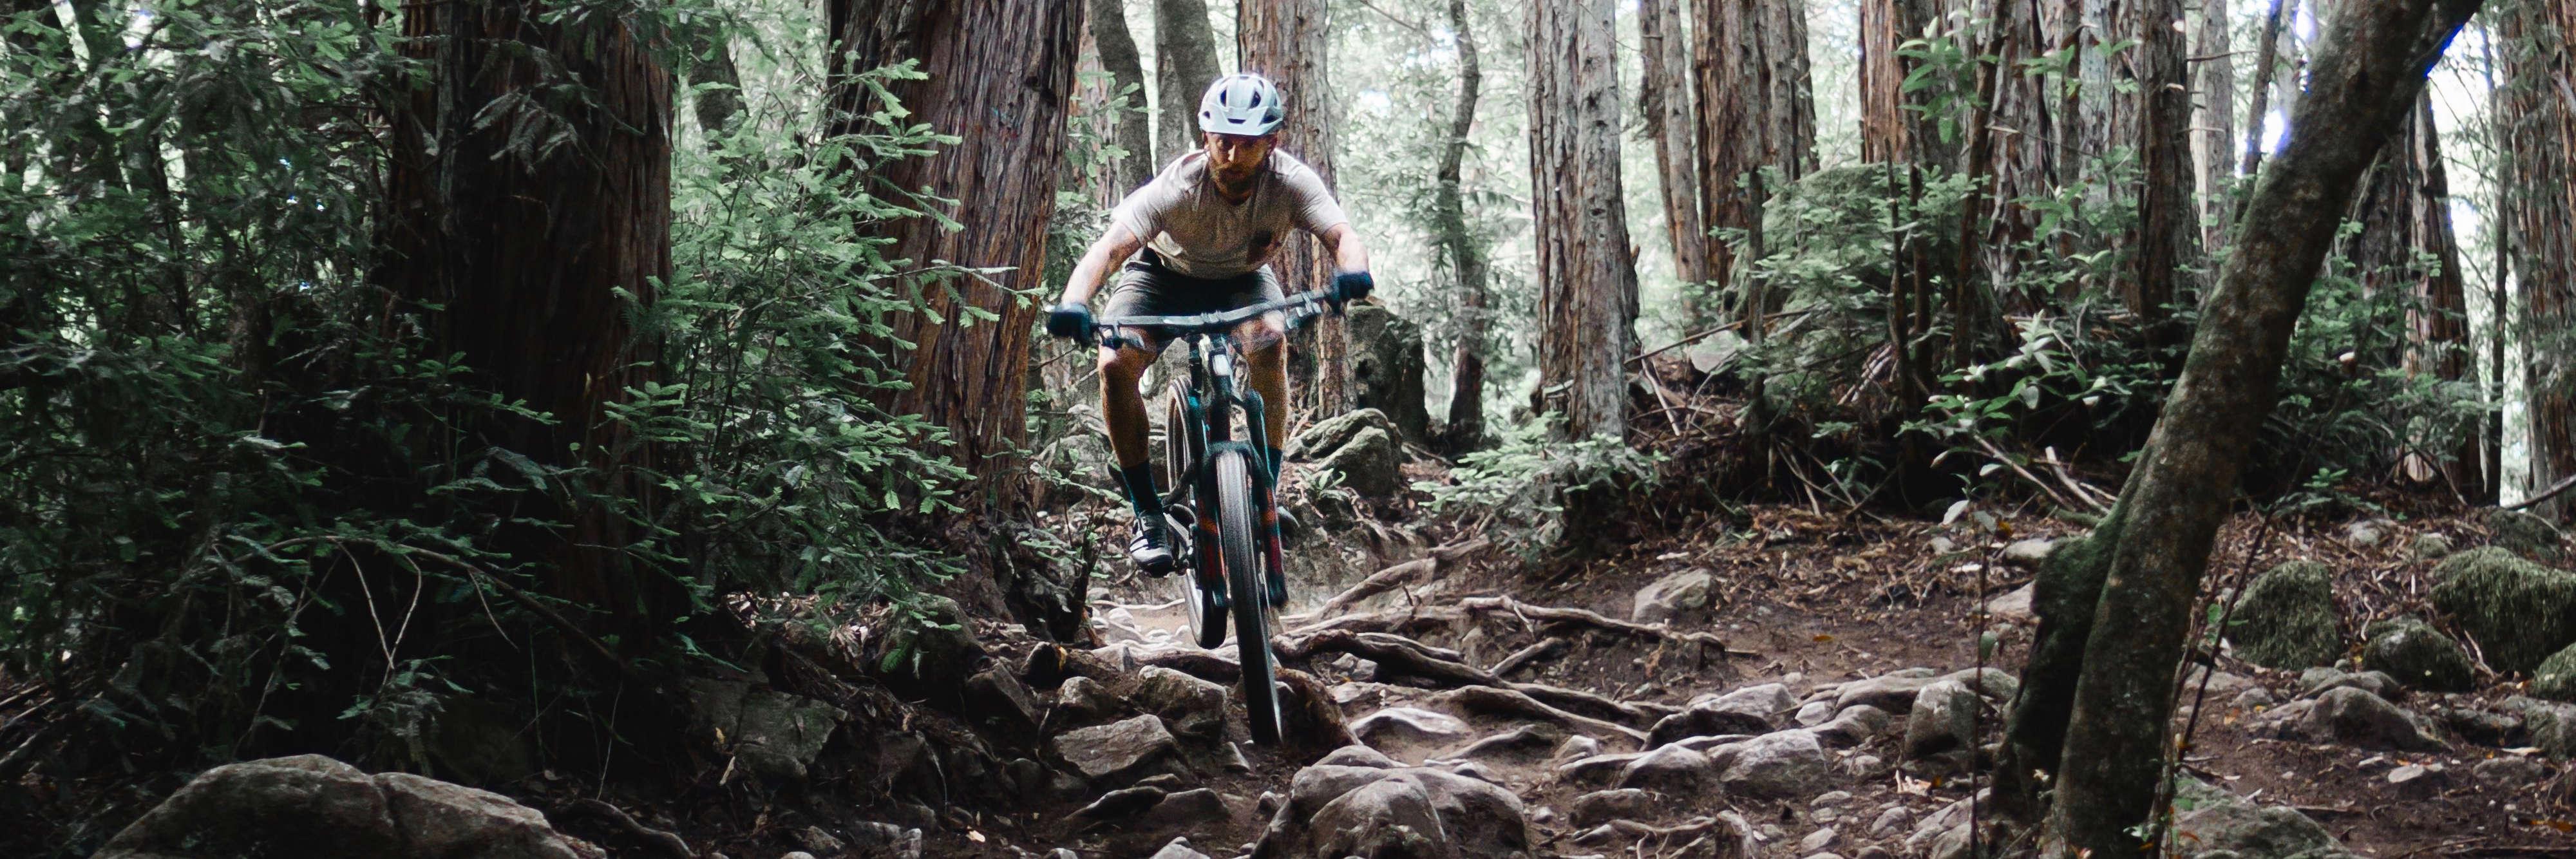 Mountain biker on a rocky trail.